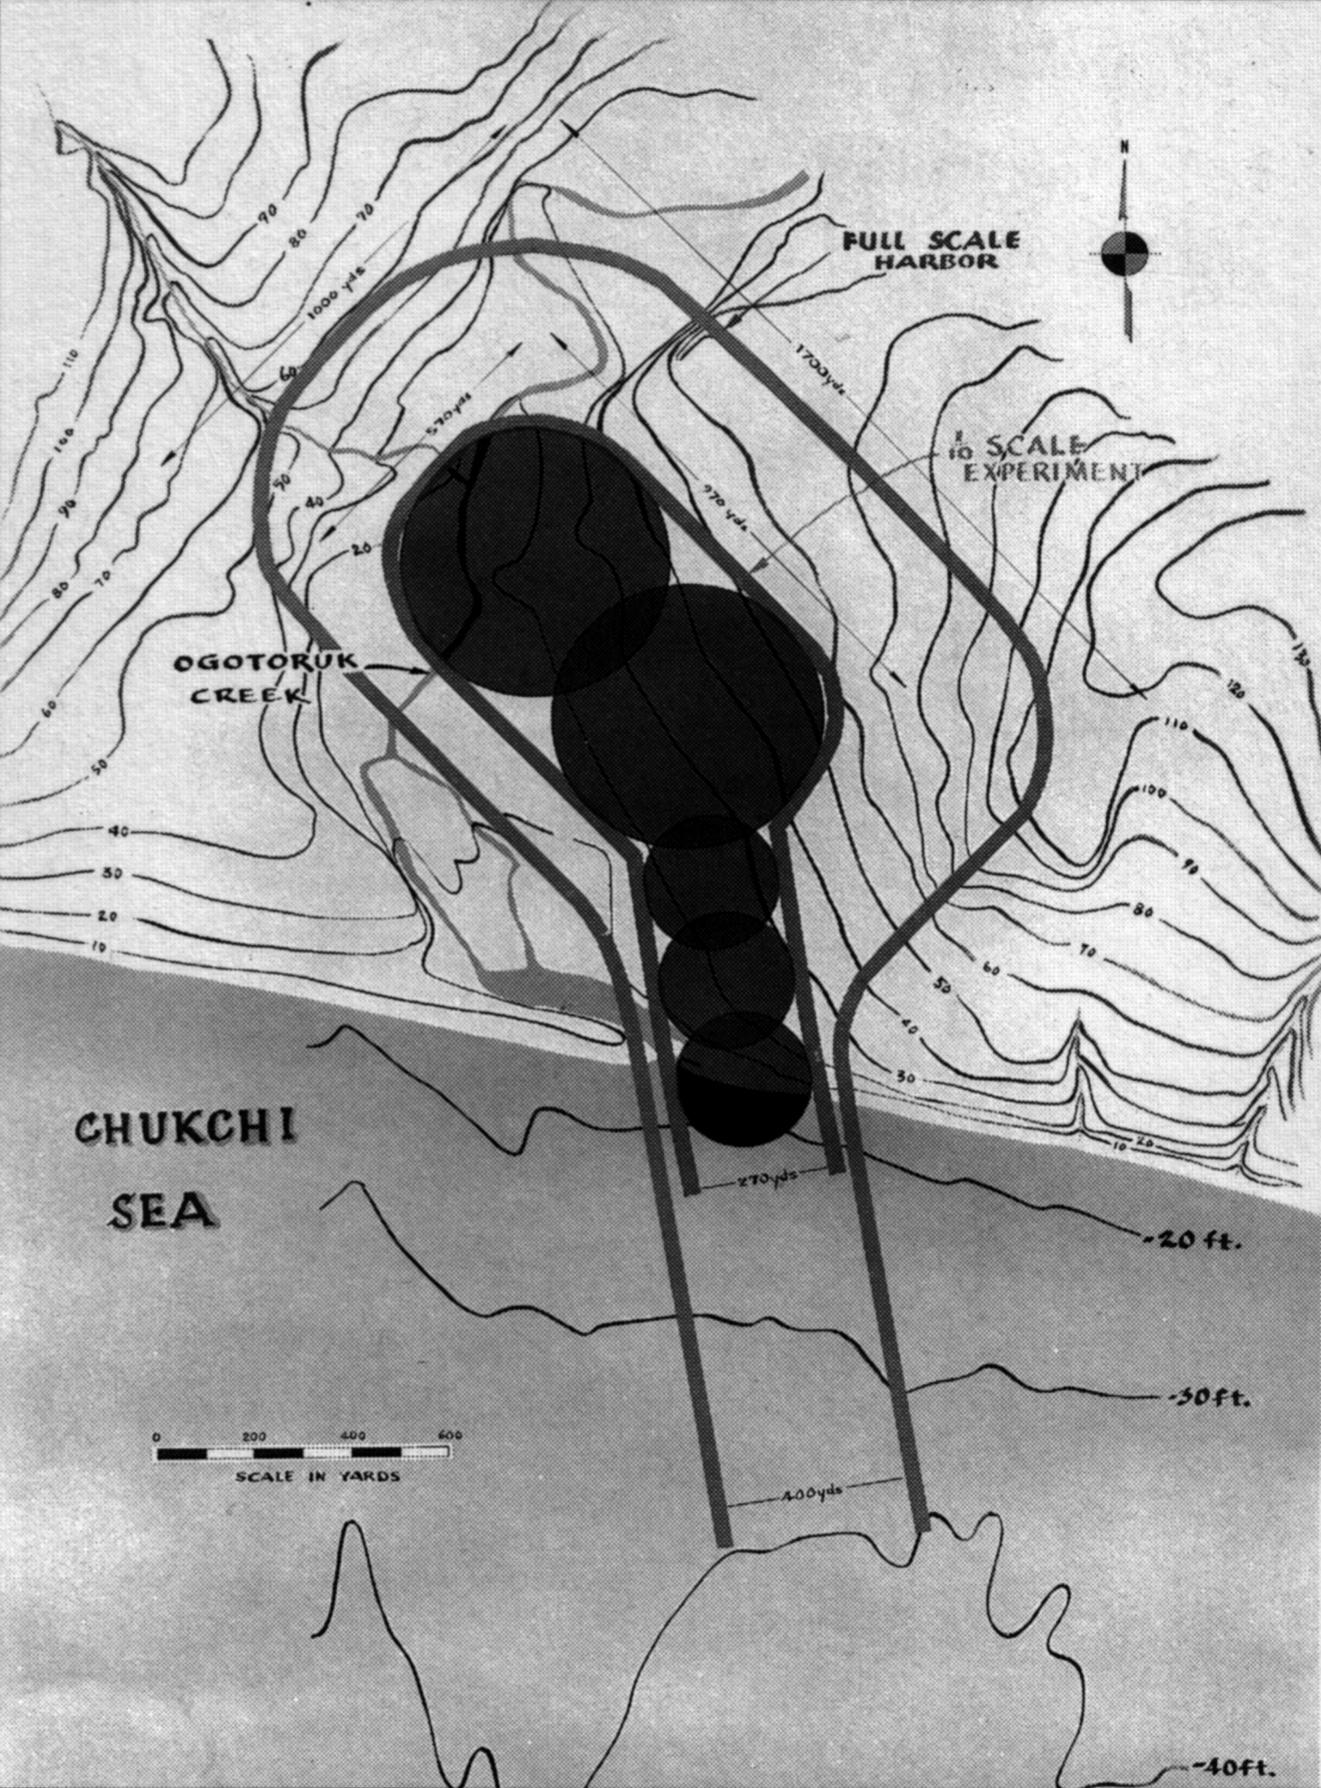 Project Chariot (1958) een baai maken met 5 atoombommen in Alaska